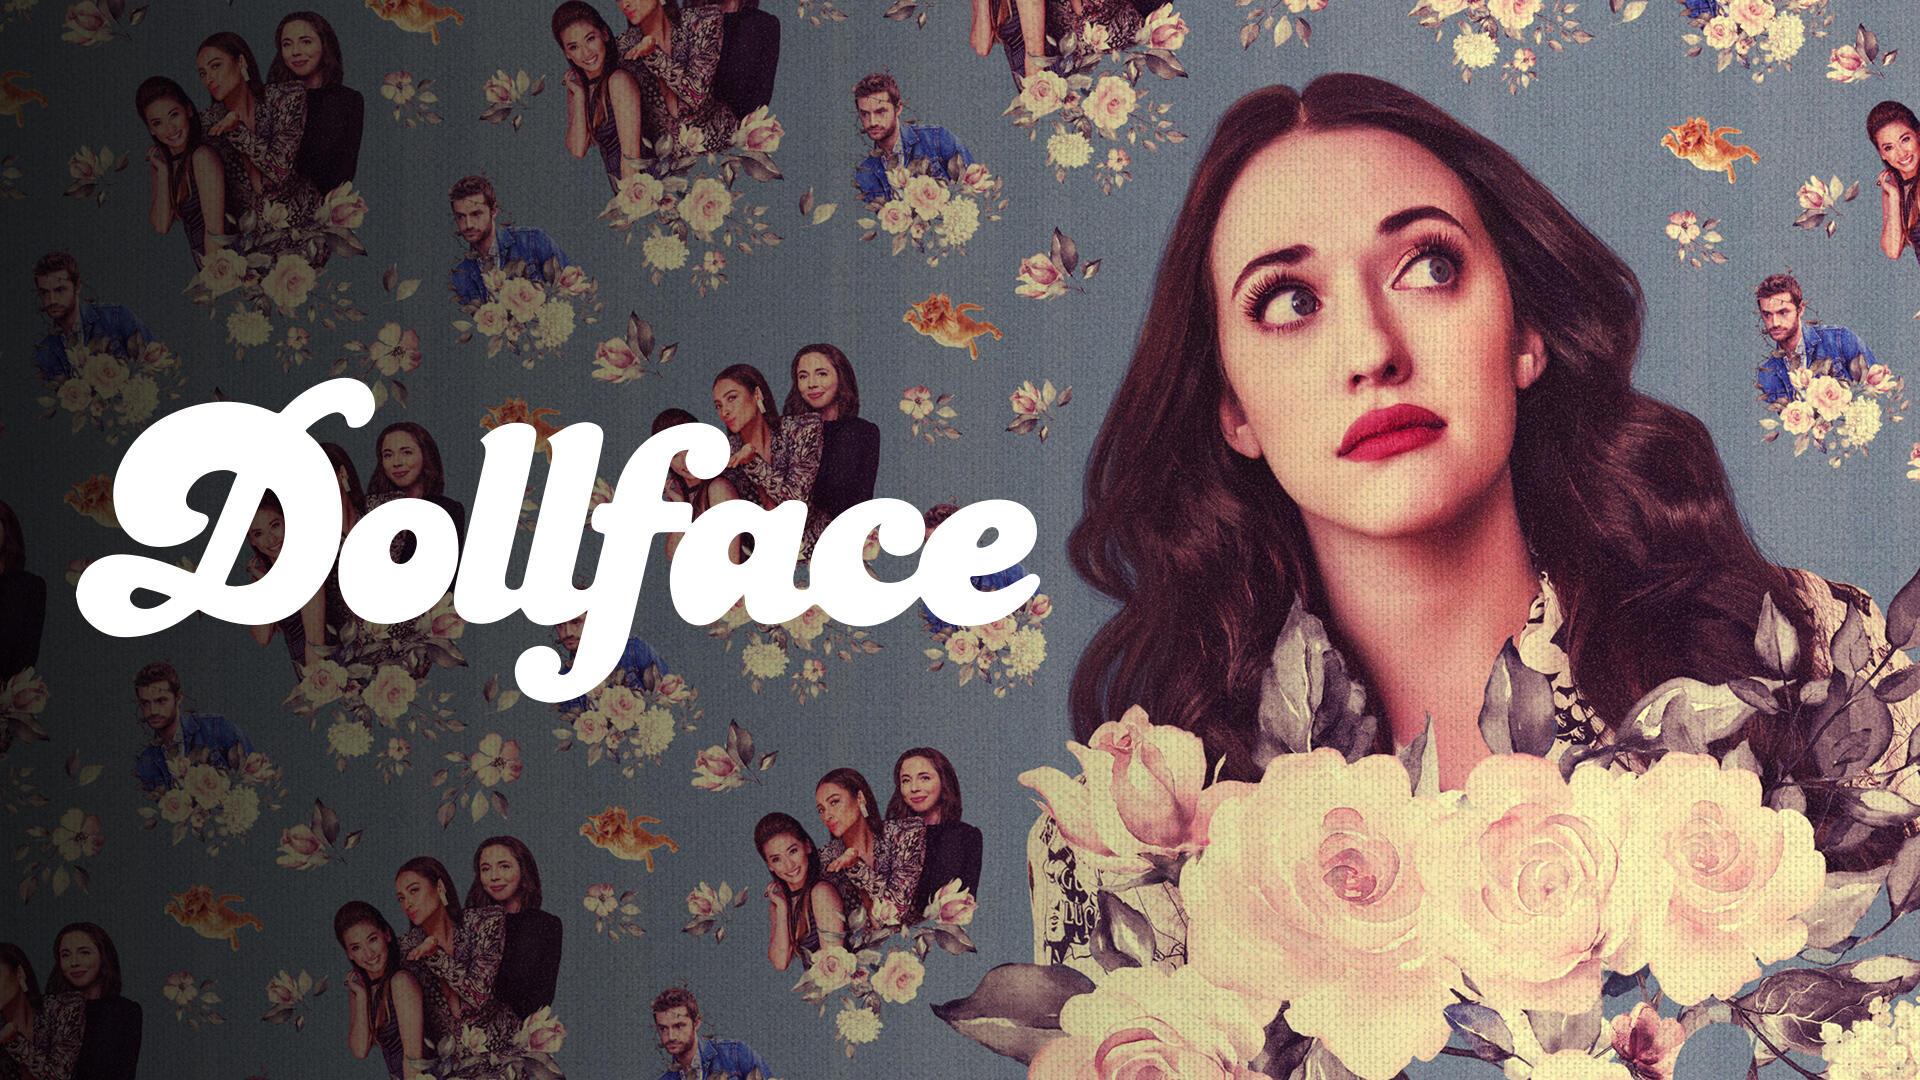 Kat Dennings stars in Dollface